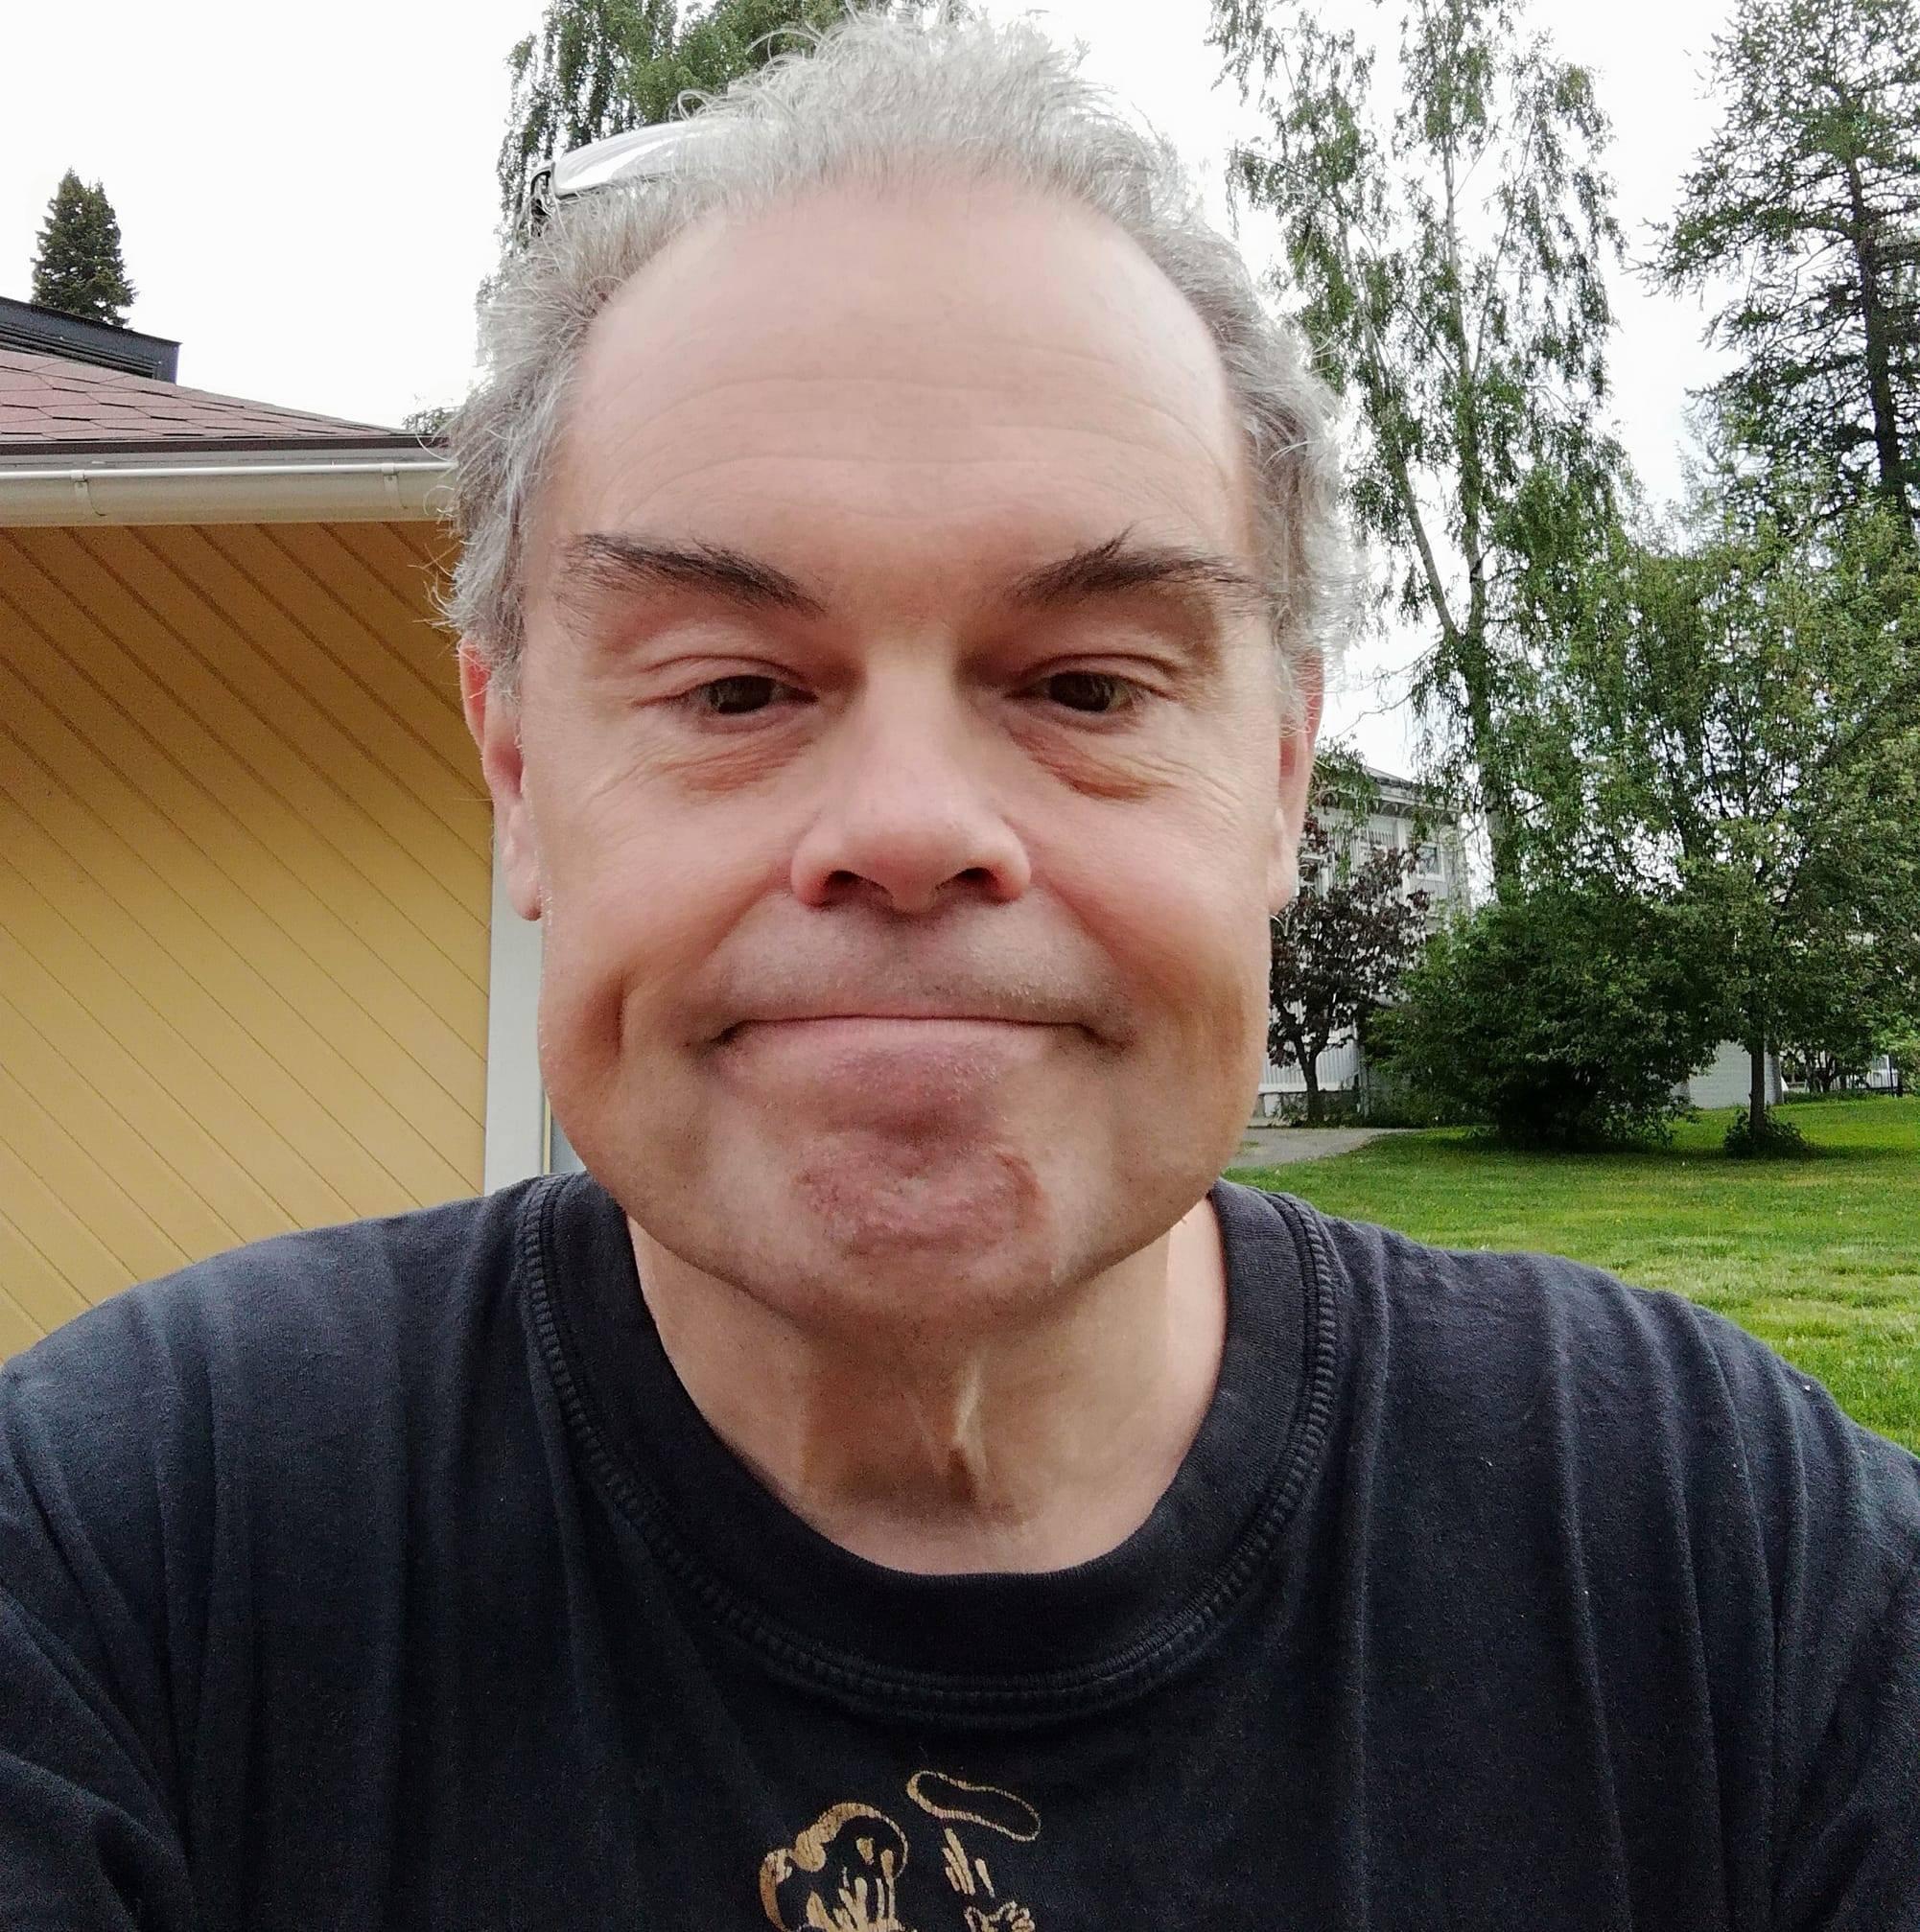 Lars Pipen Larsson